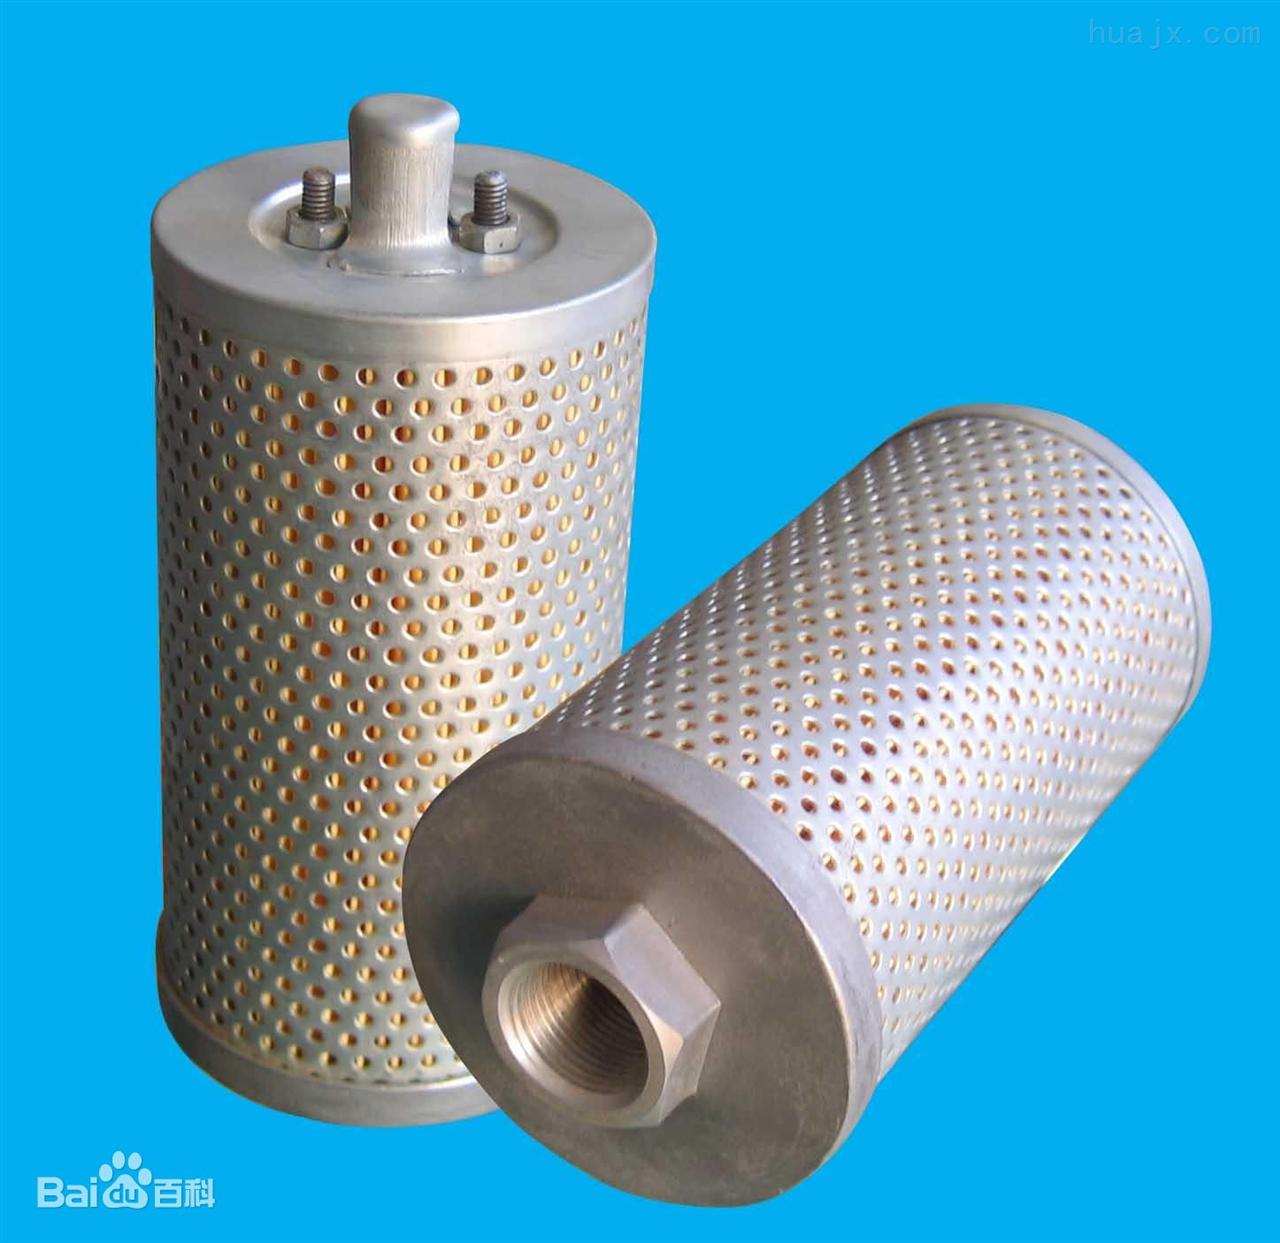 维护保养空气滤芯过程中应该注意哪些事项